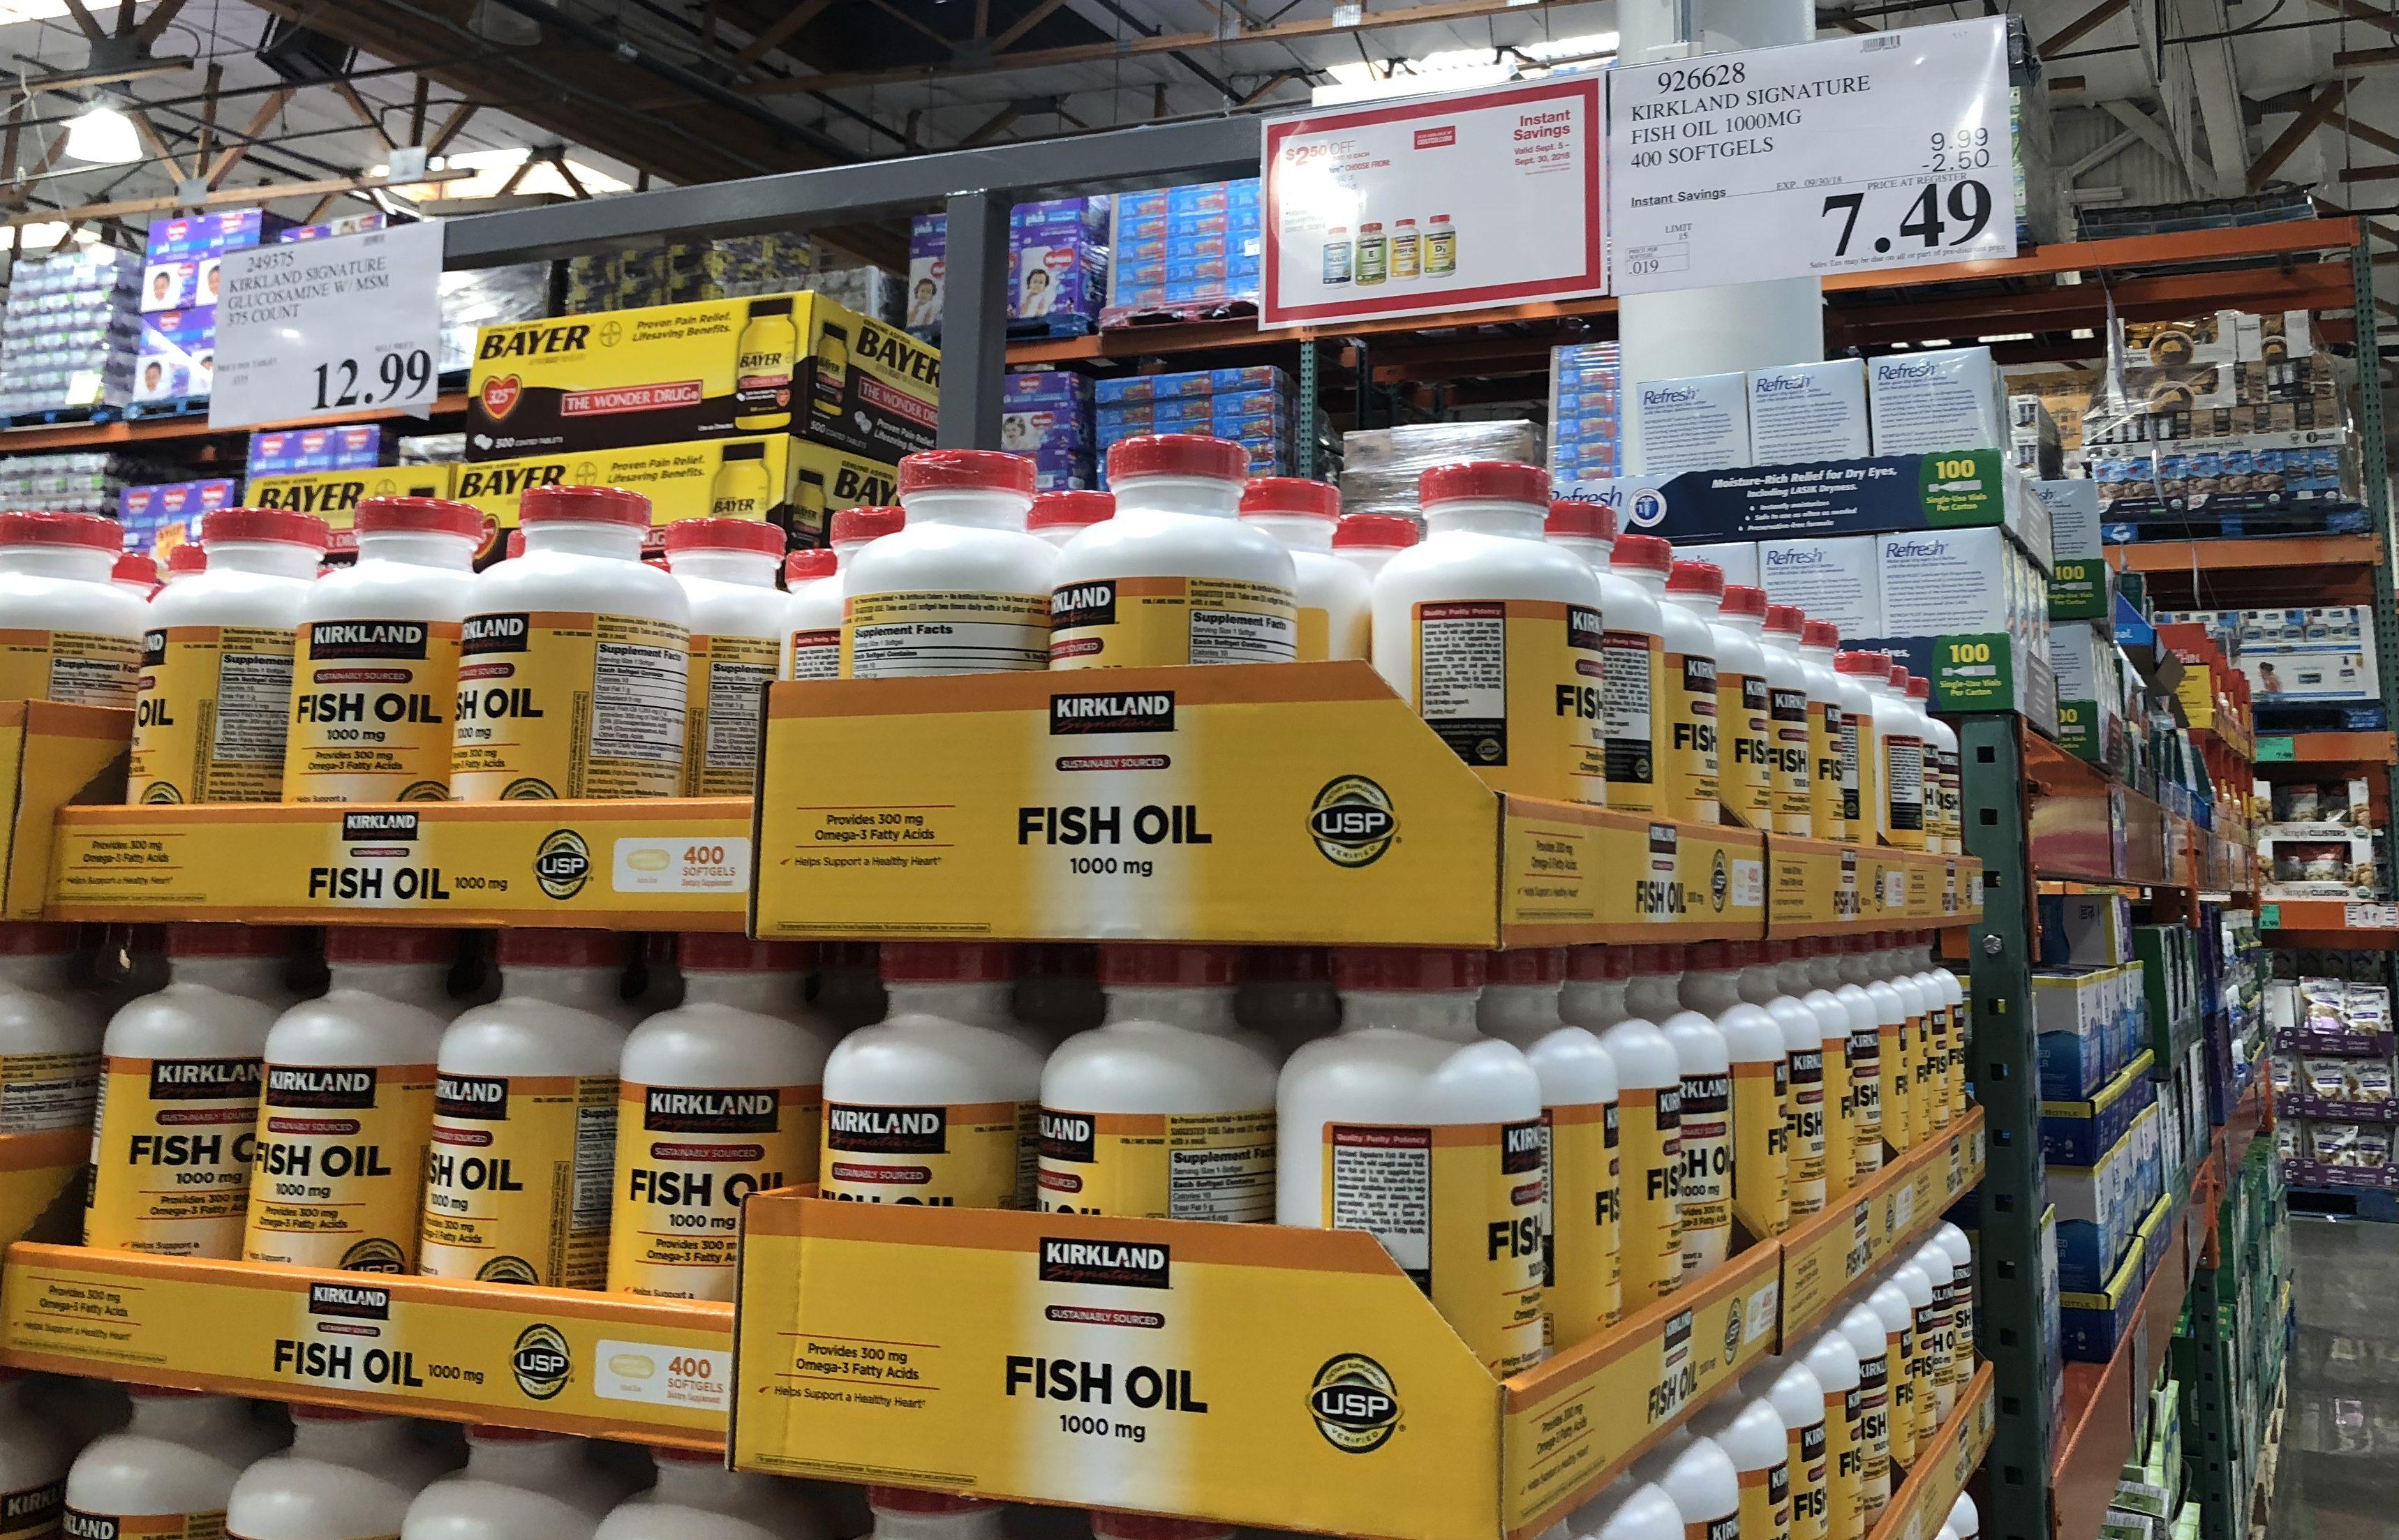 keto costco deals September 2018 – Kirkland Signature Fish Oil at Costco